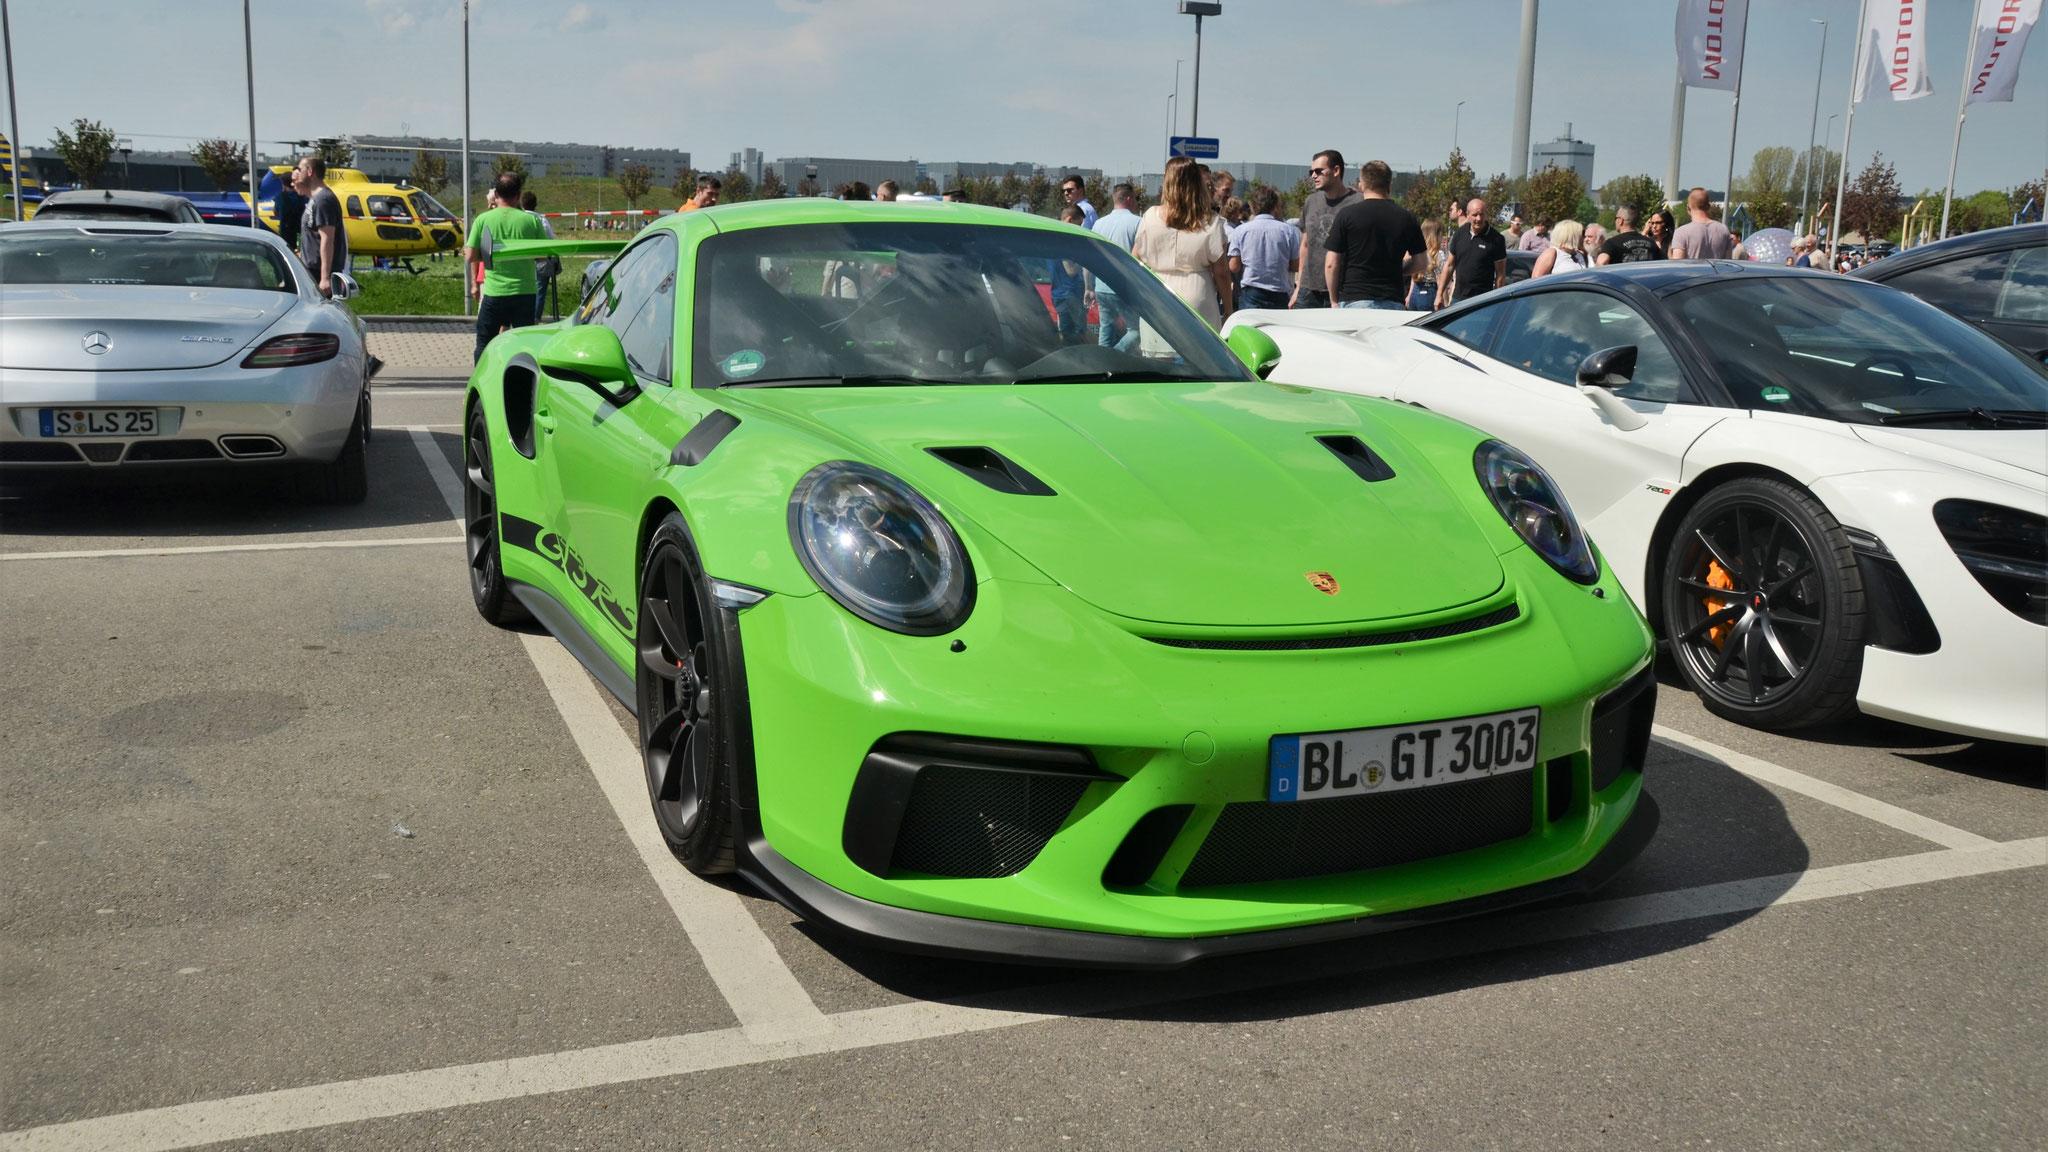 Porsche 911 991.2 GT3 RS - BL-GT-3003